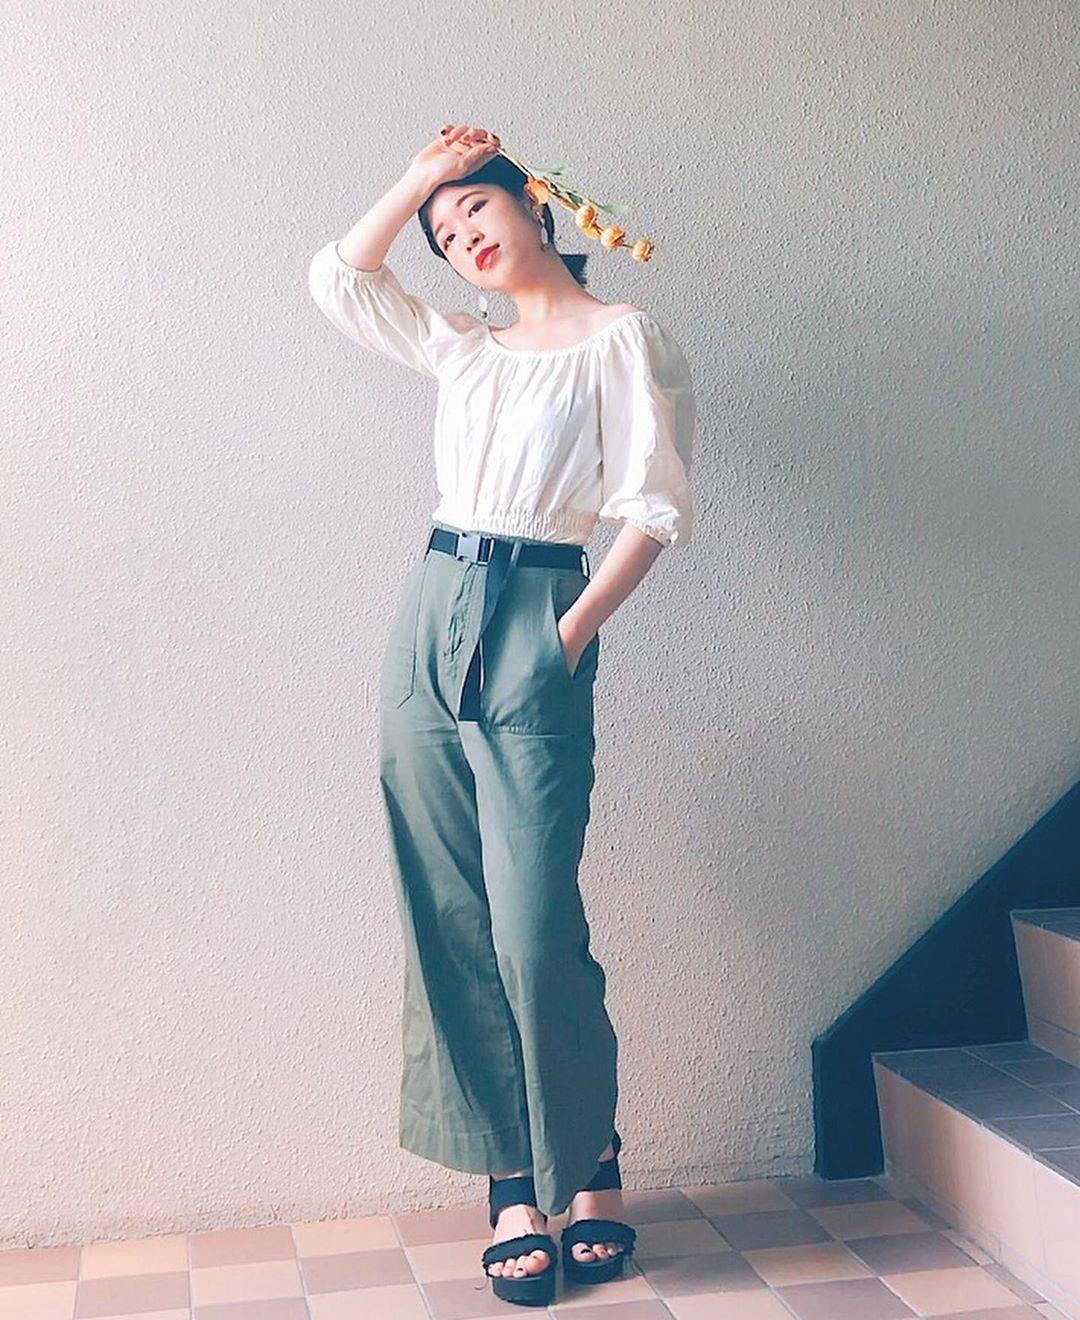 最高気温27度・最低気温15度 natsu_outfitsの服装